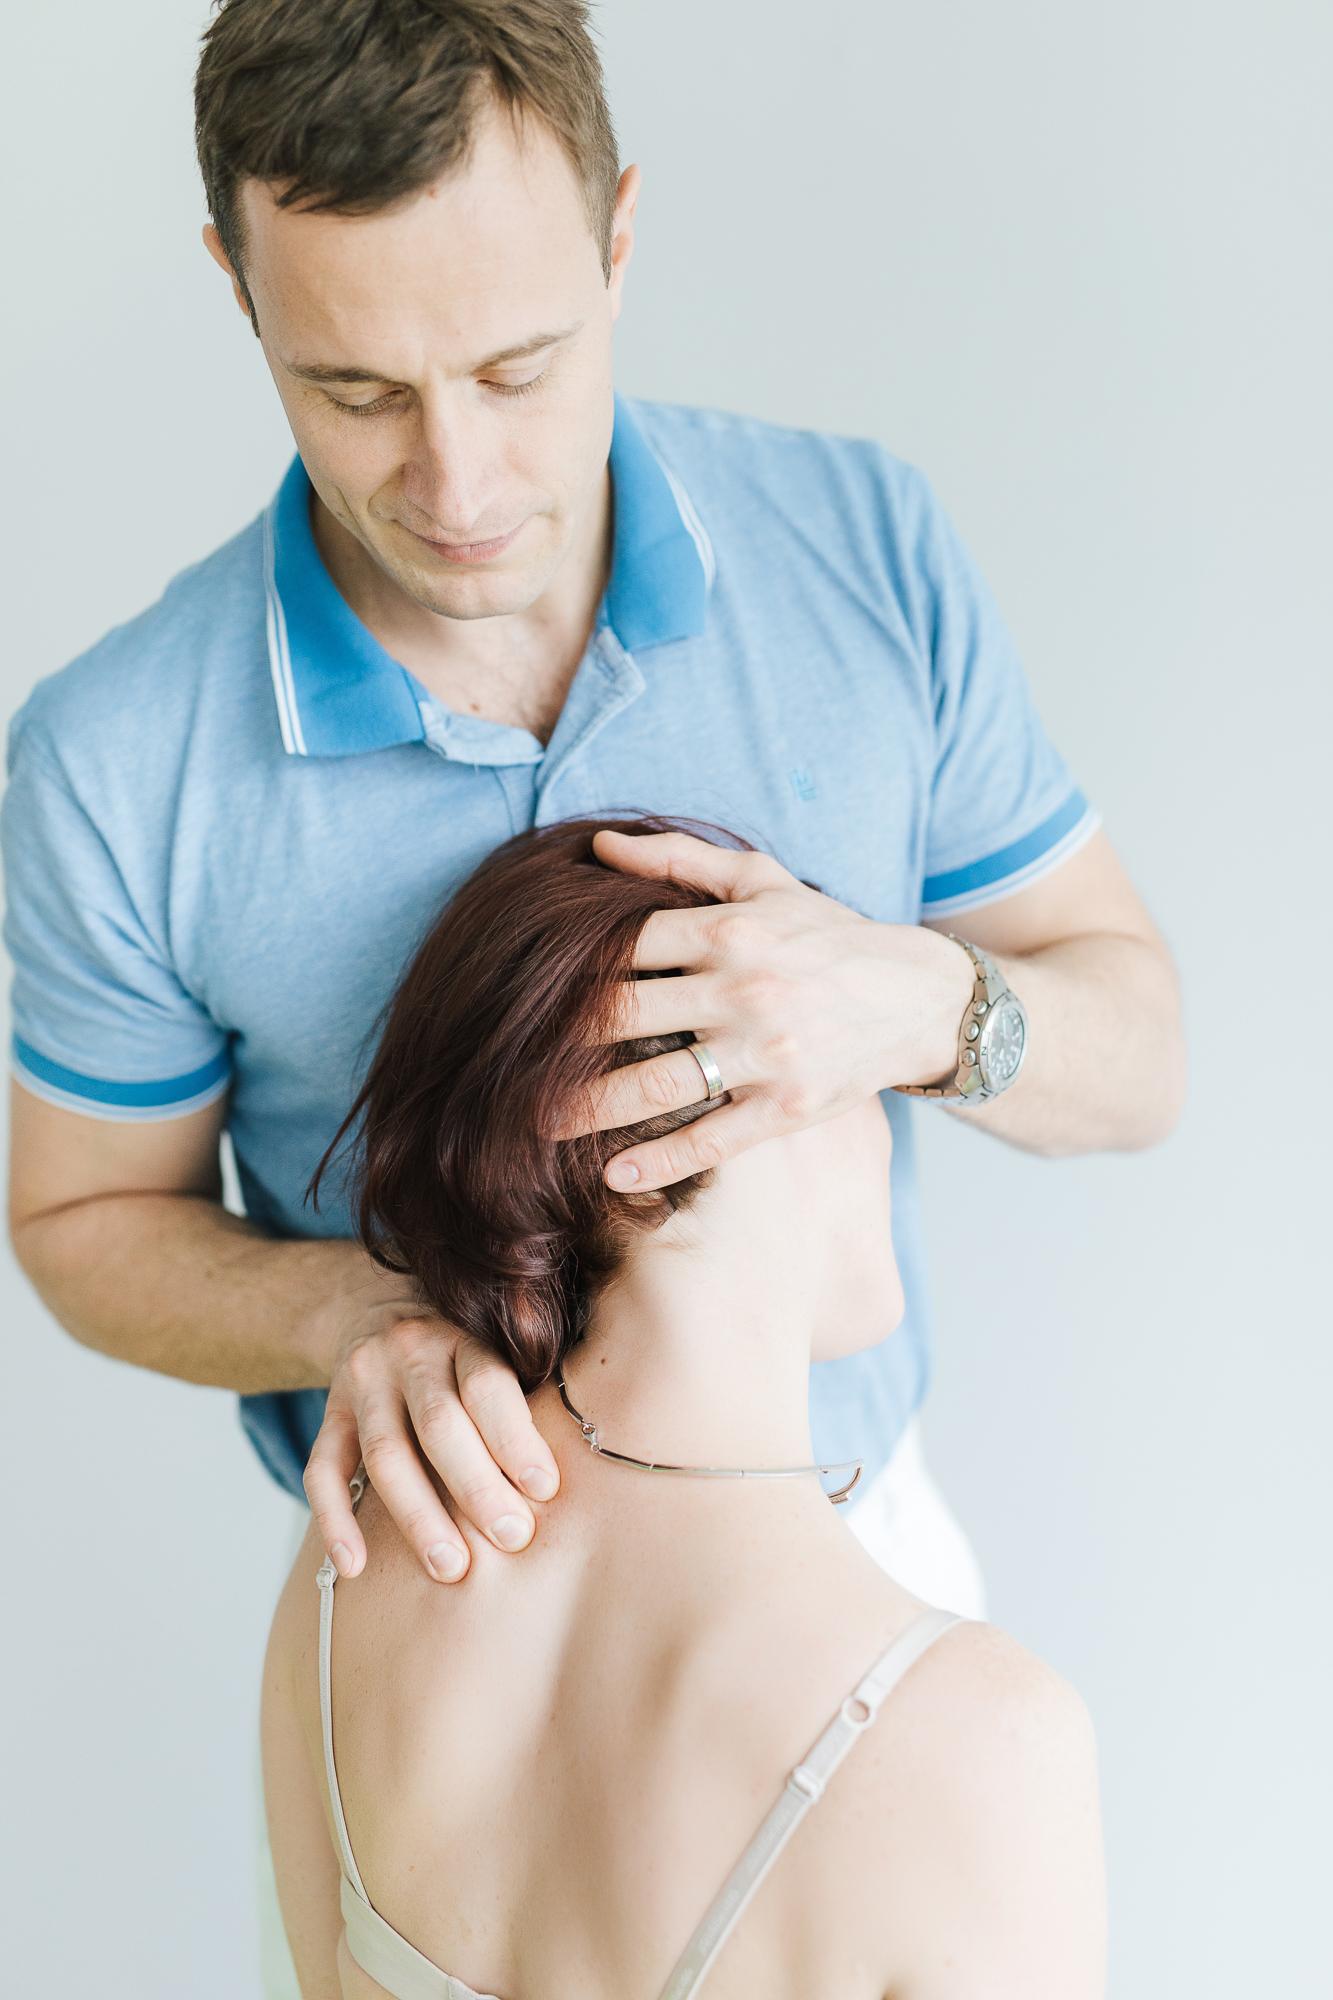 Dr Martin Dostal Rückenschmerzen Nackenschmerzen Spezialist